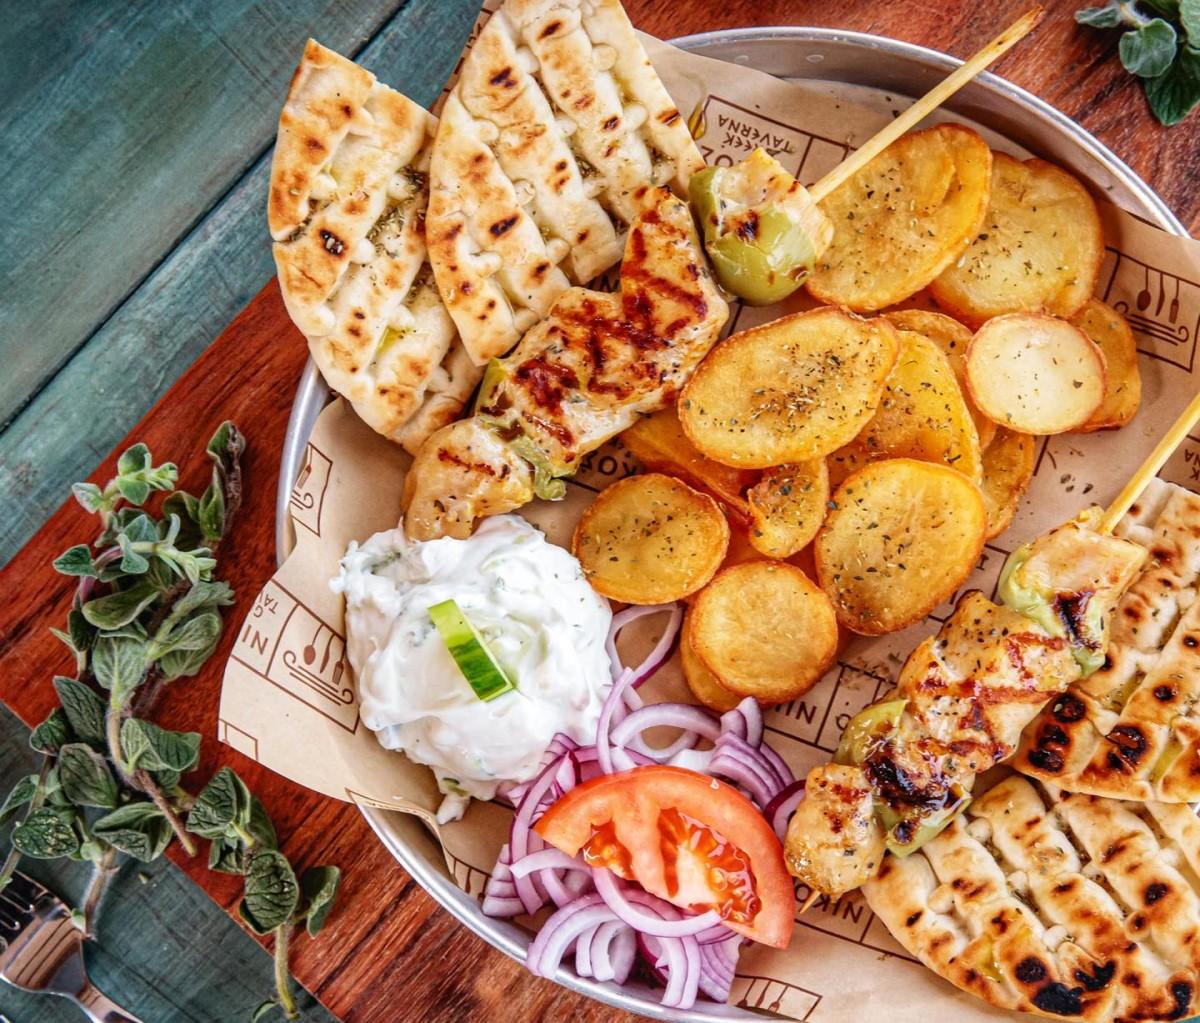 Souvlaki cu pita, cartofi prajiti taiati rondele, frigarui de pui, sos, rosii si ceapa, de la Nikos Greek Taverna din București